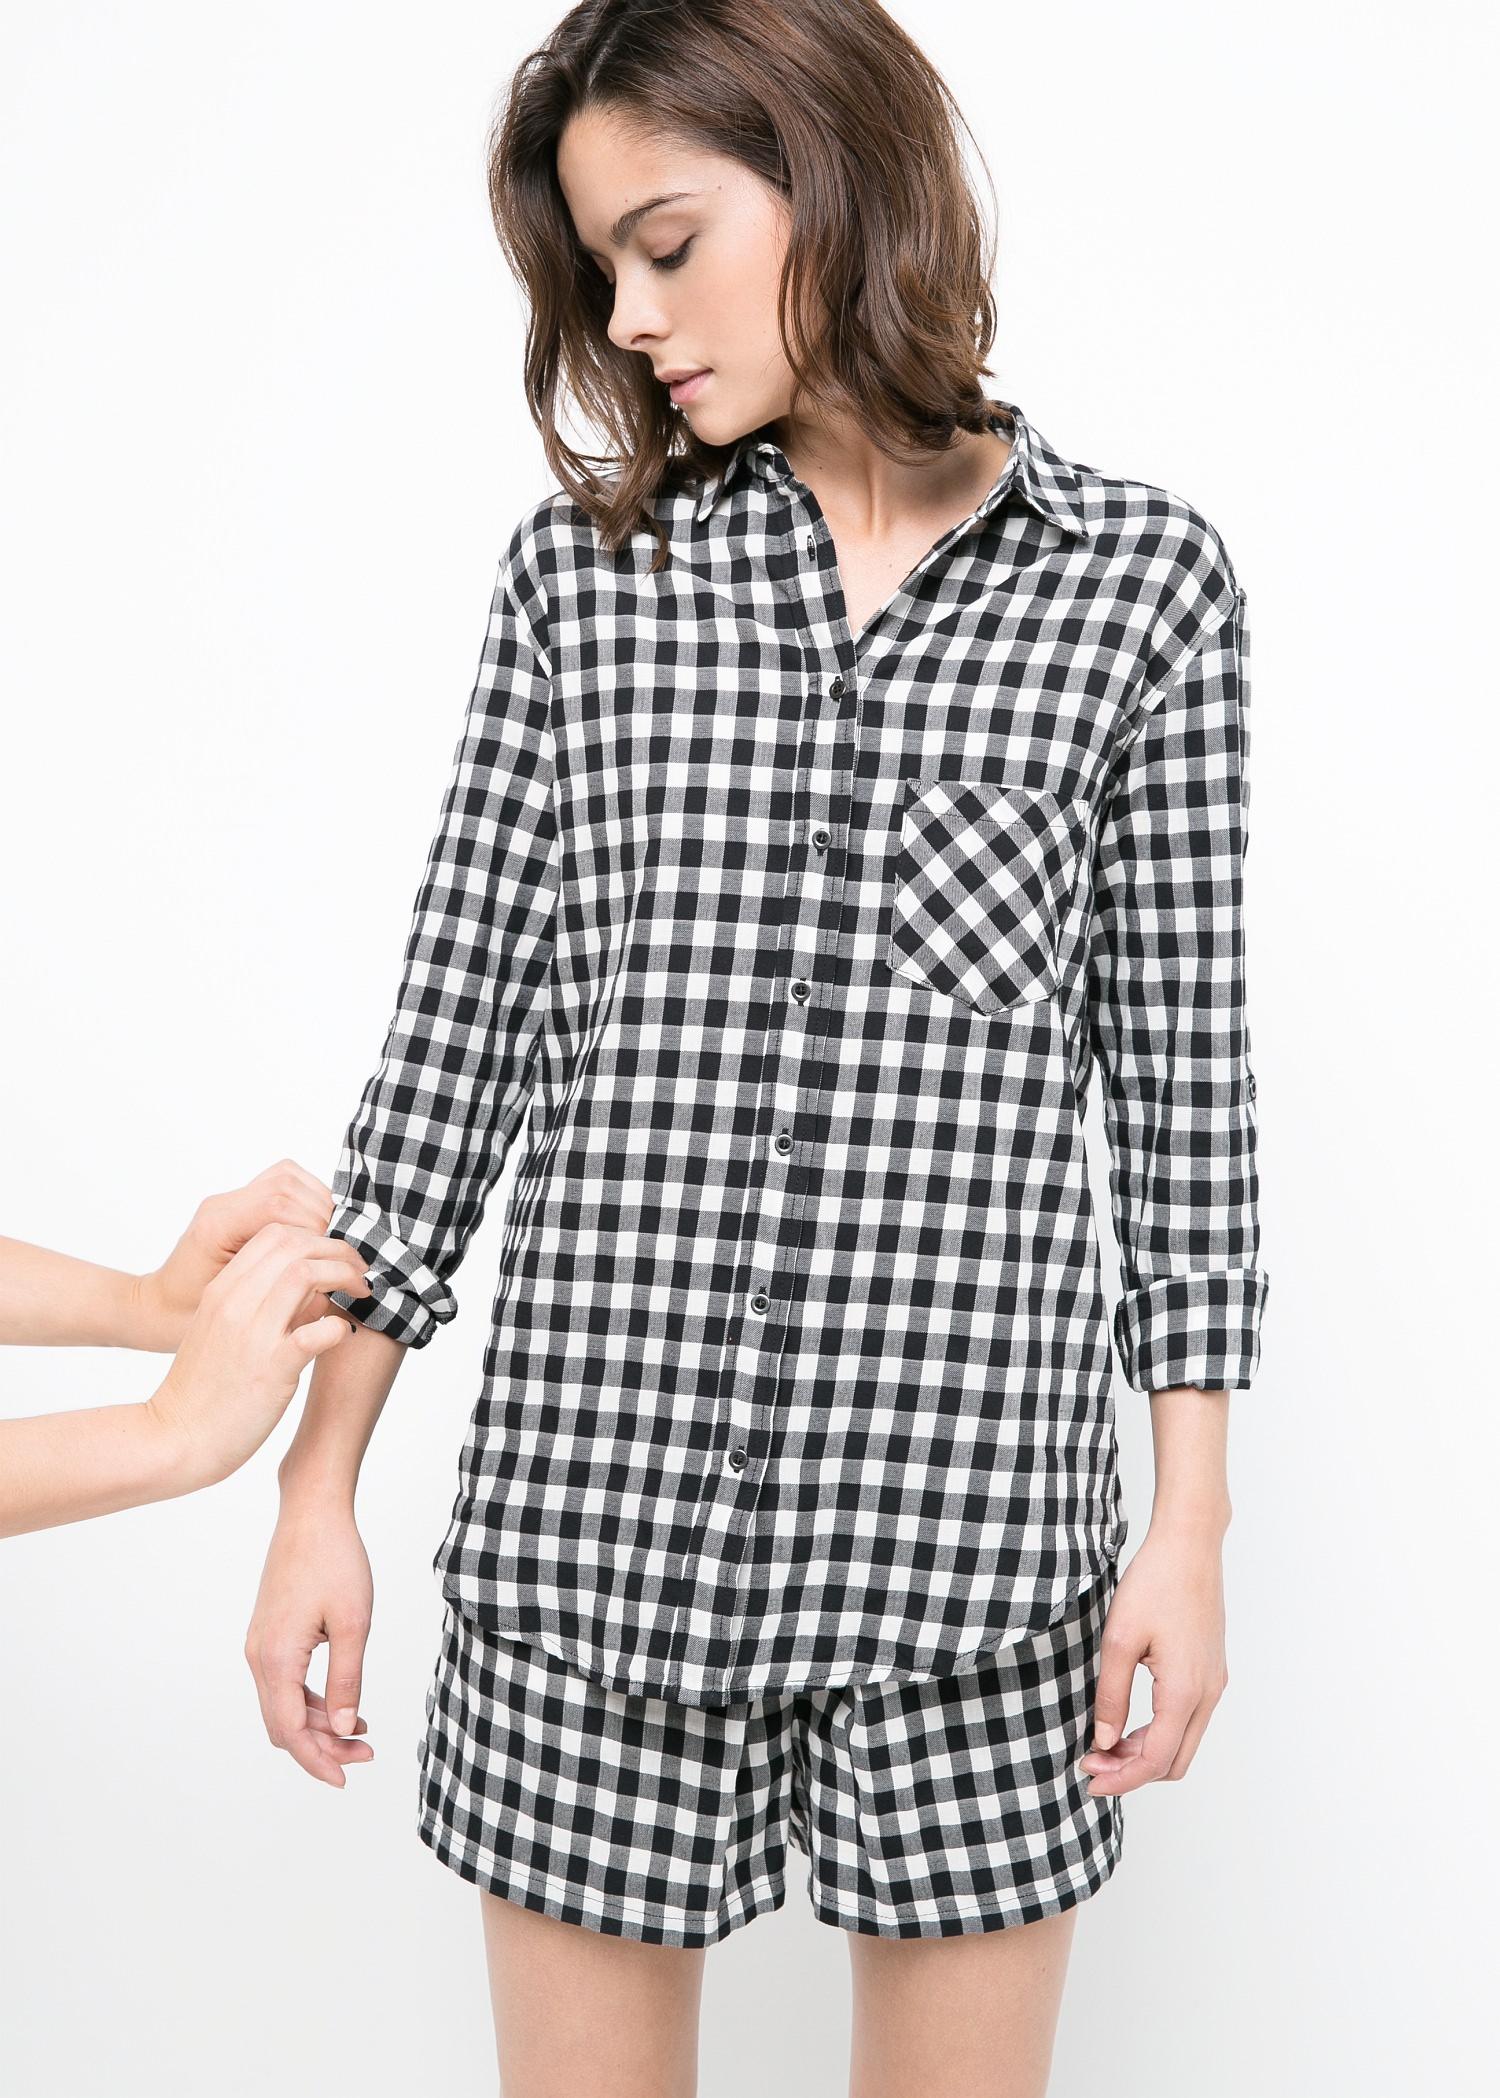 Chemise bicolore carreaux - Blouses et chemises pour Femme | MANGO